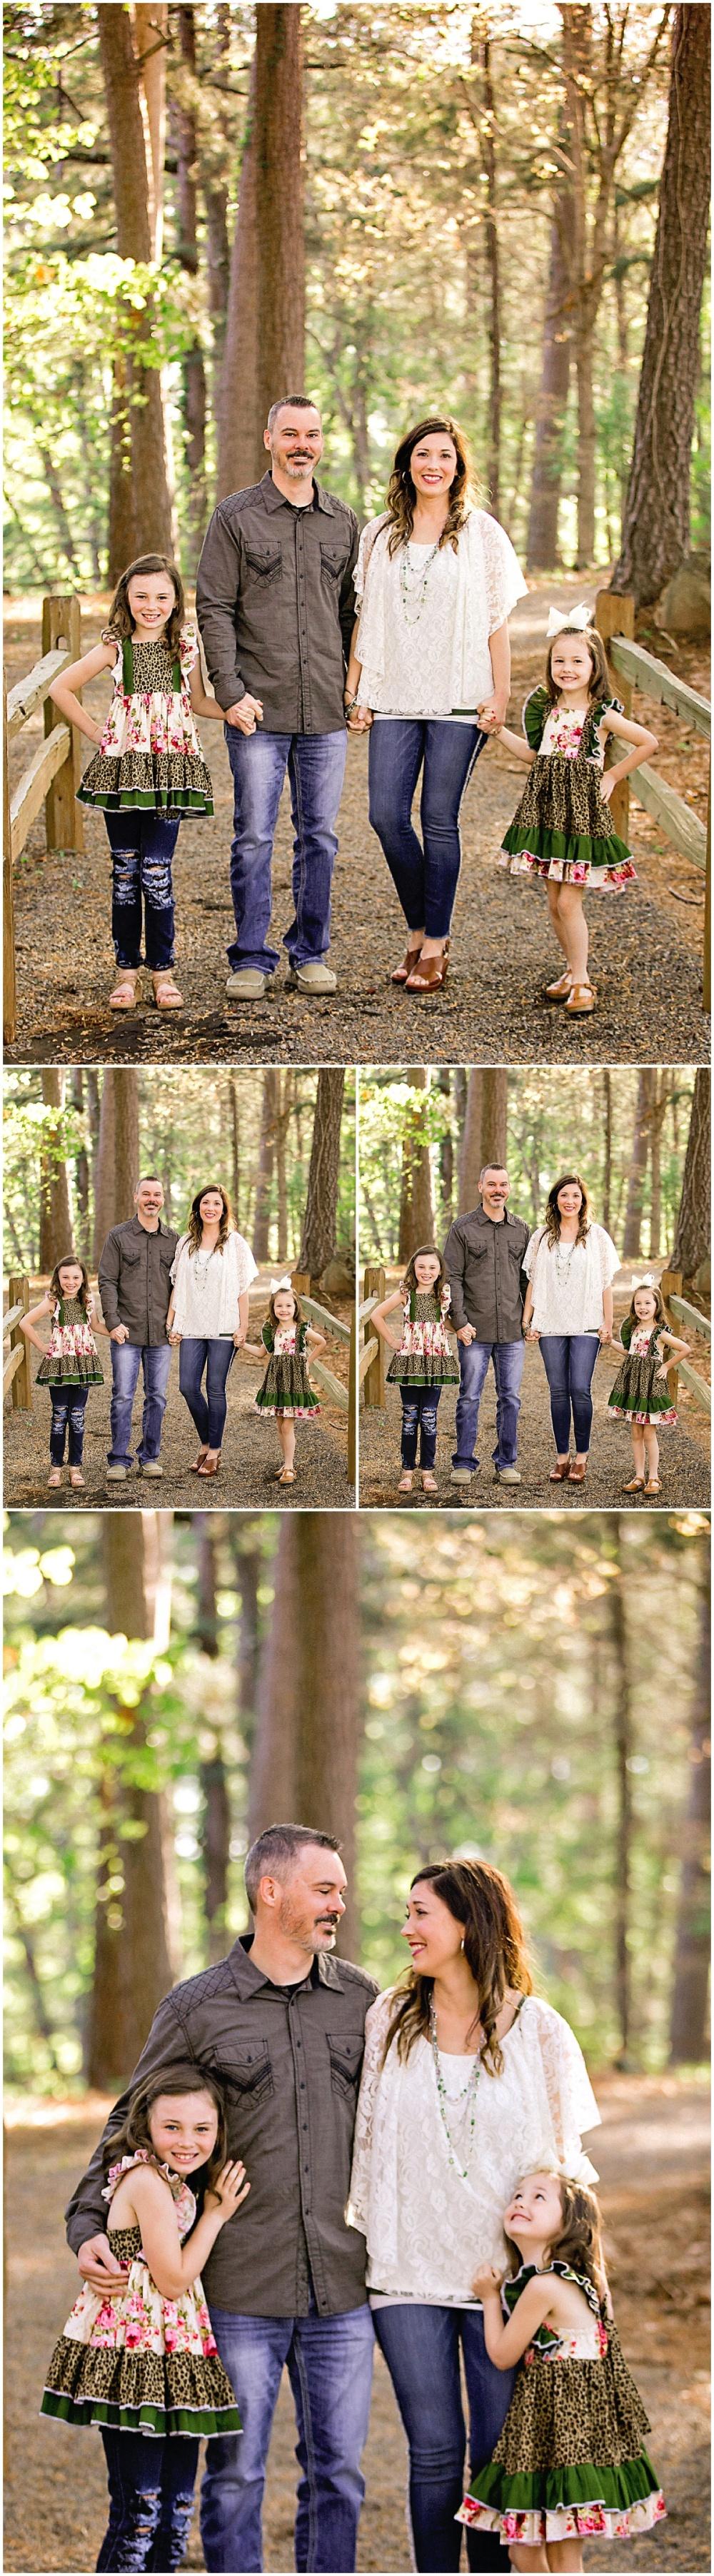 Family-Portraits-Spradlin-East-Texas-Carly-Barton-Photography_0031.jpg